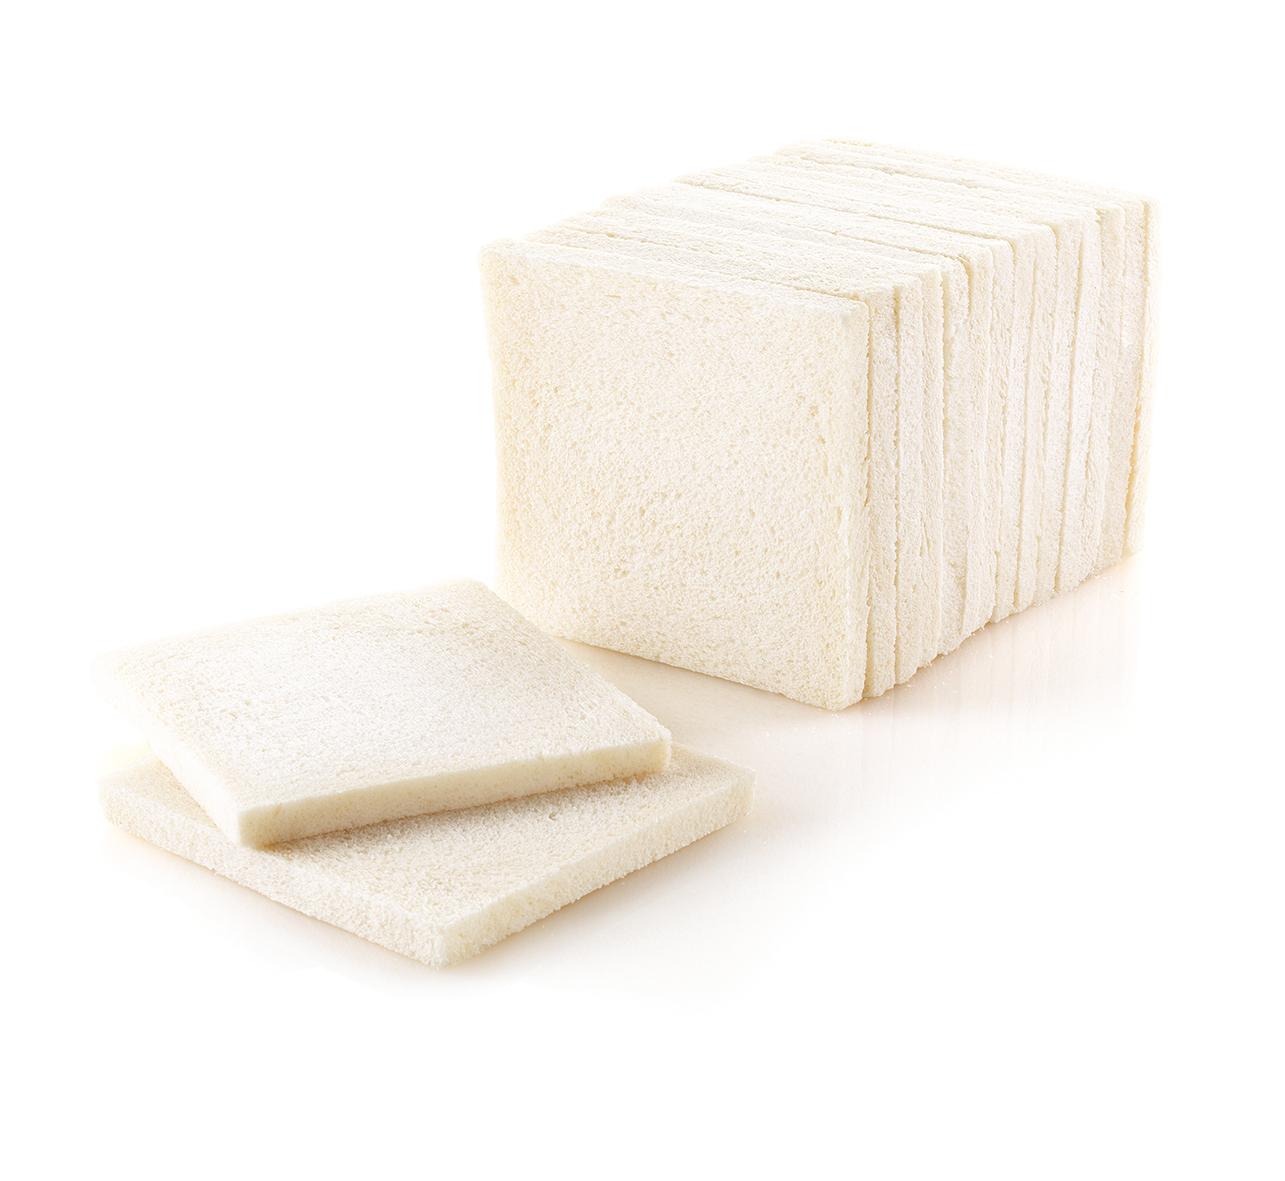 Tramezzino senza crosta – Bassa Risoluzione – PNG a 72 DPI